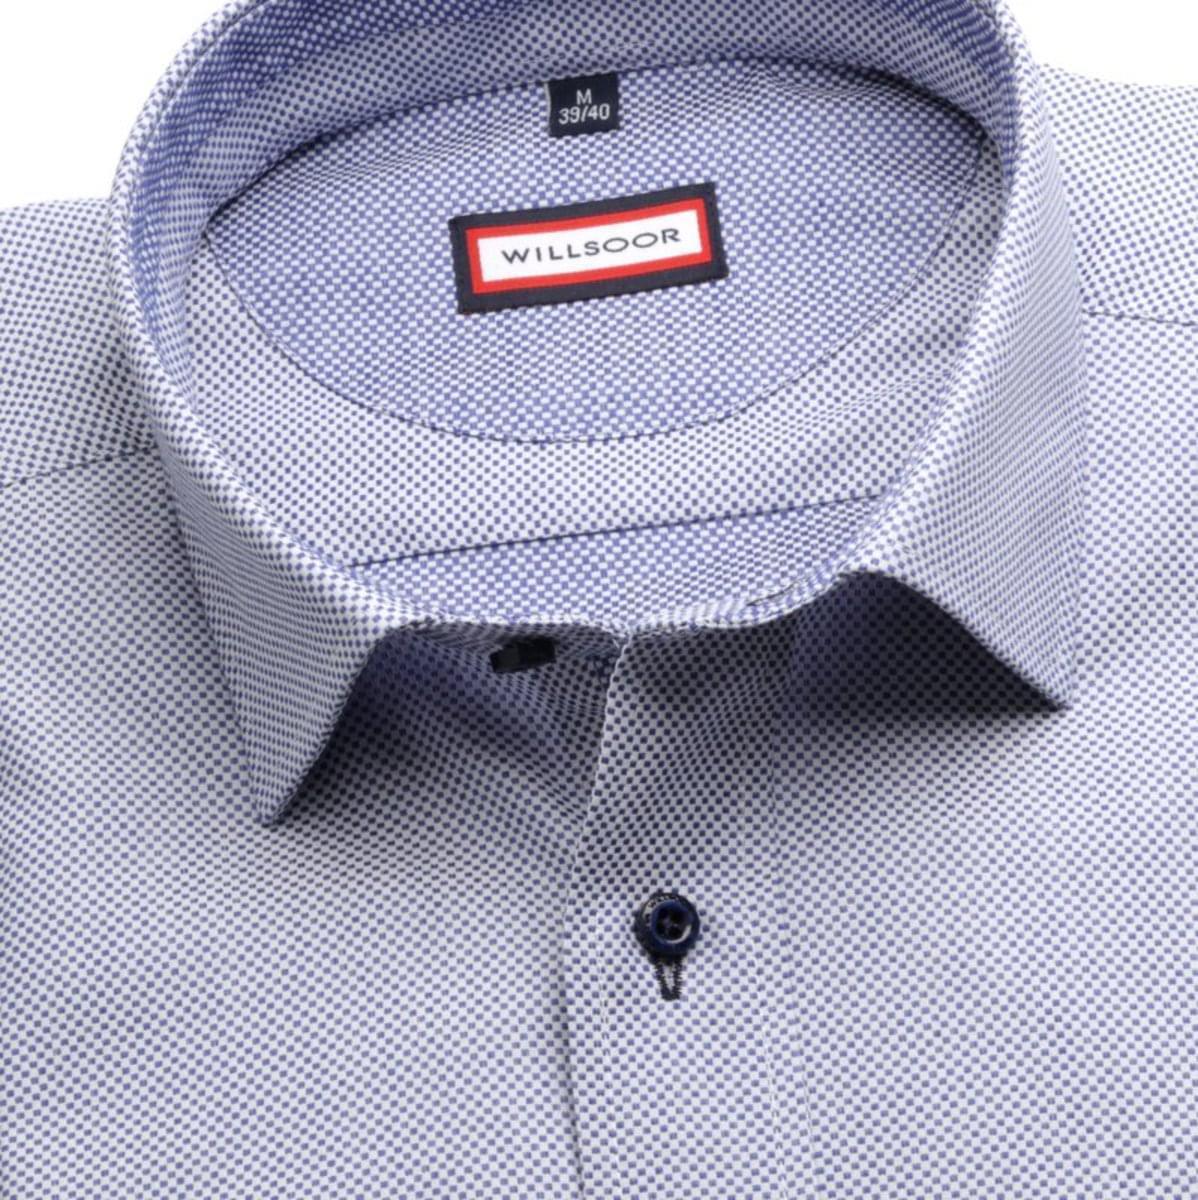 Pánská slim fit košile (výška 176-182) 7118 v modré barvě s formulí Easy Care 176-182 / L (41/42)